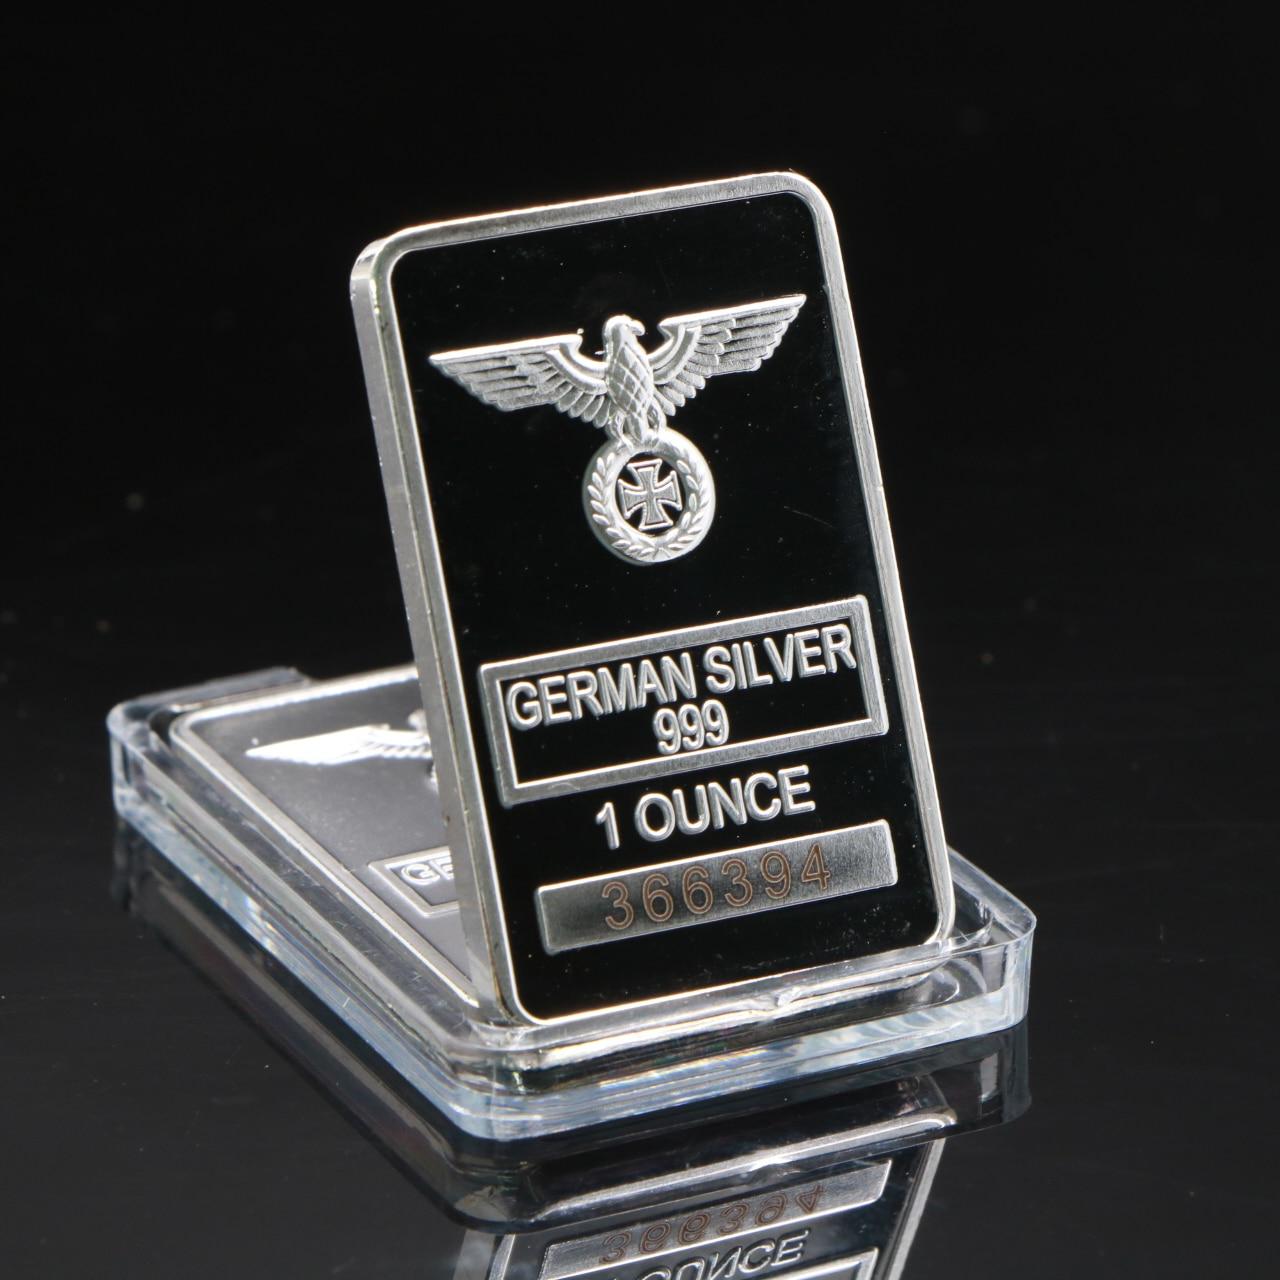 Cápsula acrílica clara da barra transversal chapeada prata da onça da barra 999 rara 1 da águia alemã com número de série diferente